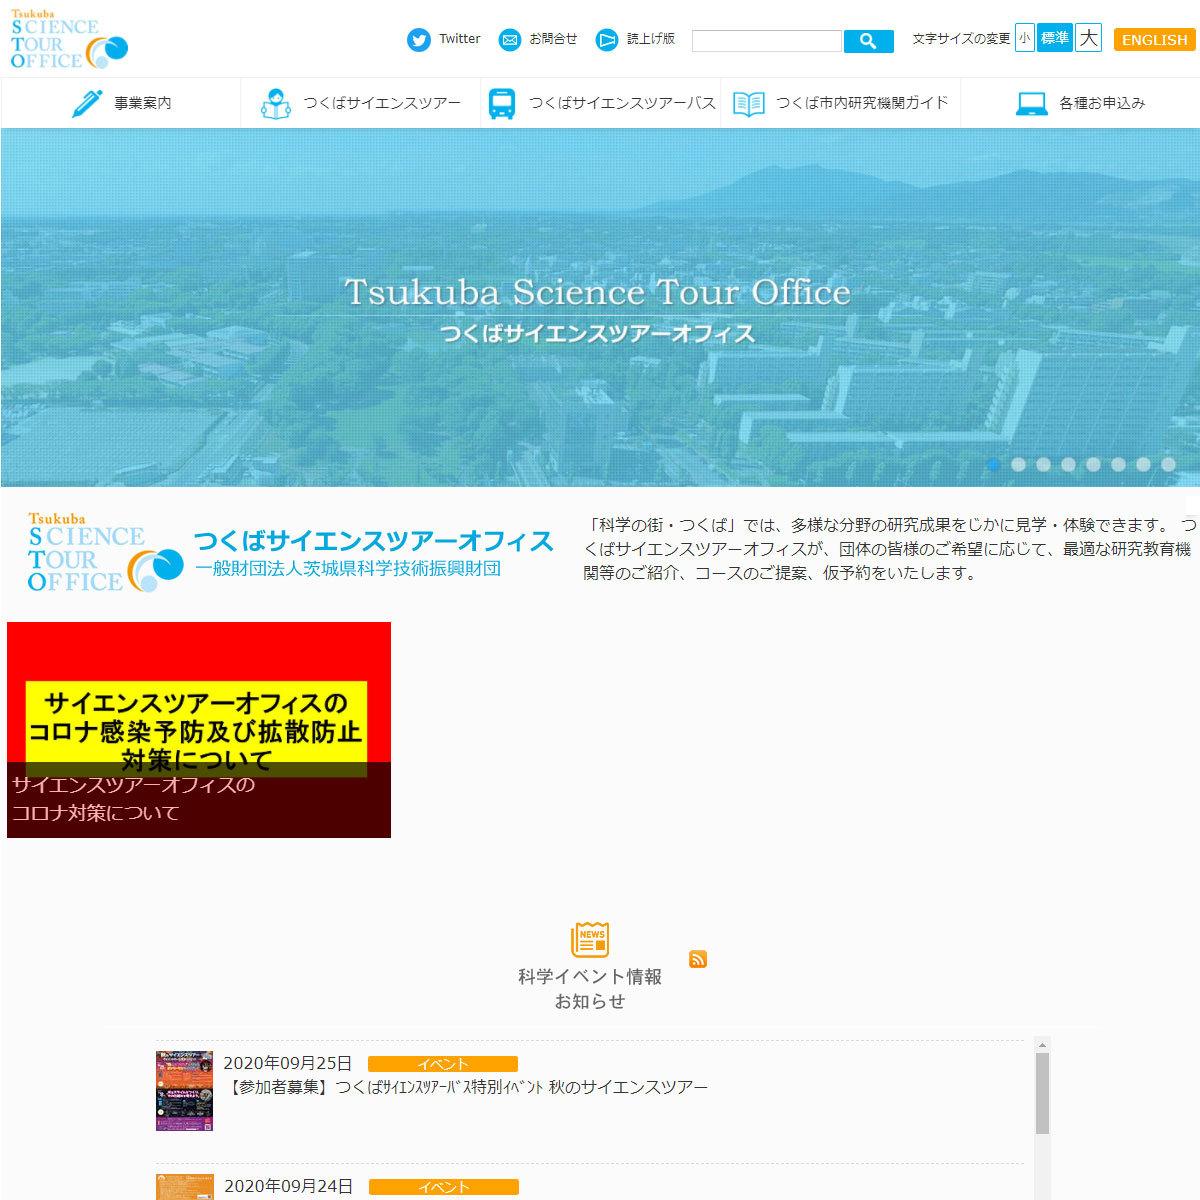 一般財団法人茨城県科学技術振興財団のつくばサイエンスツアーオフィスのホームページ